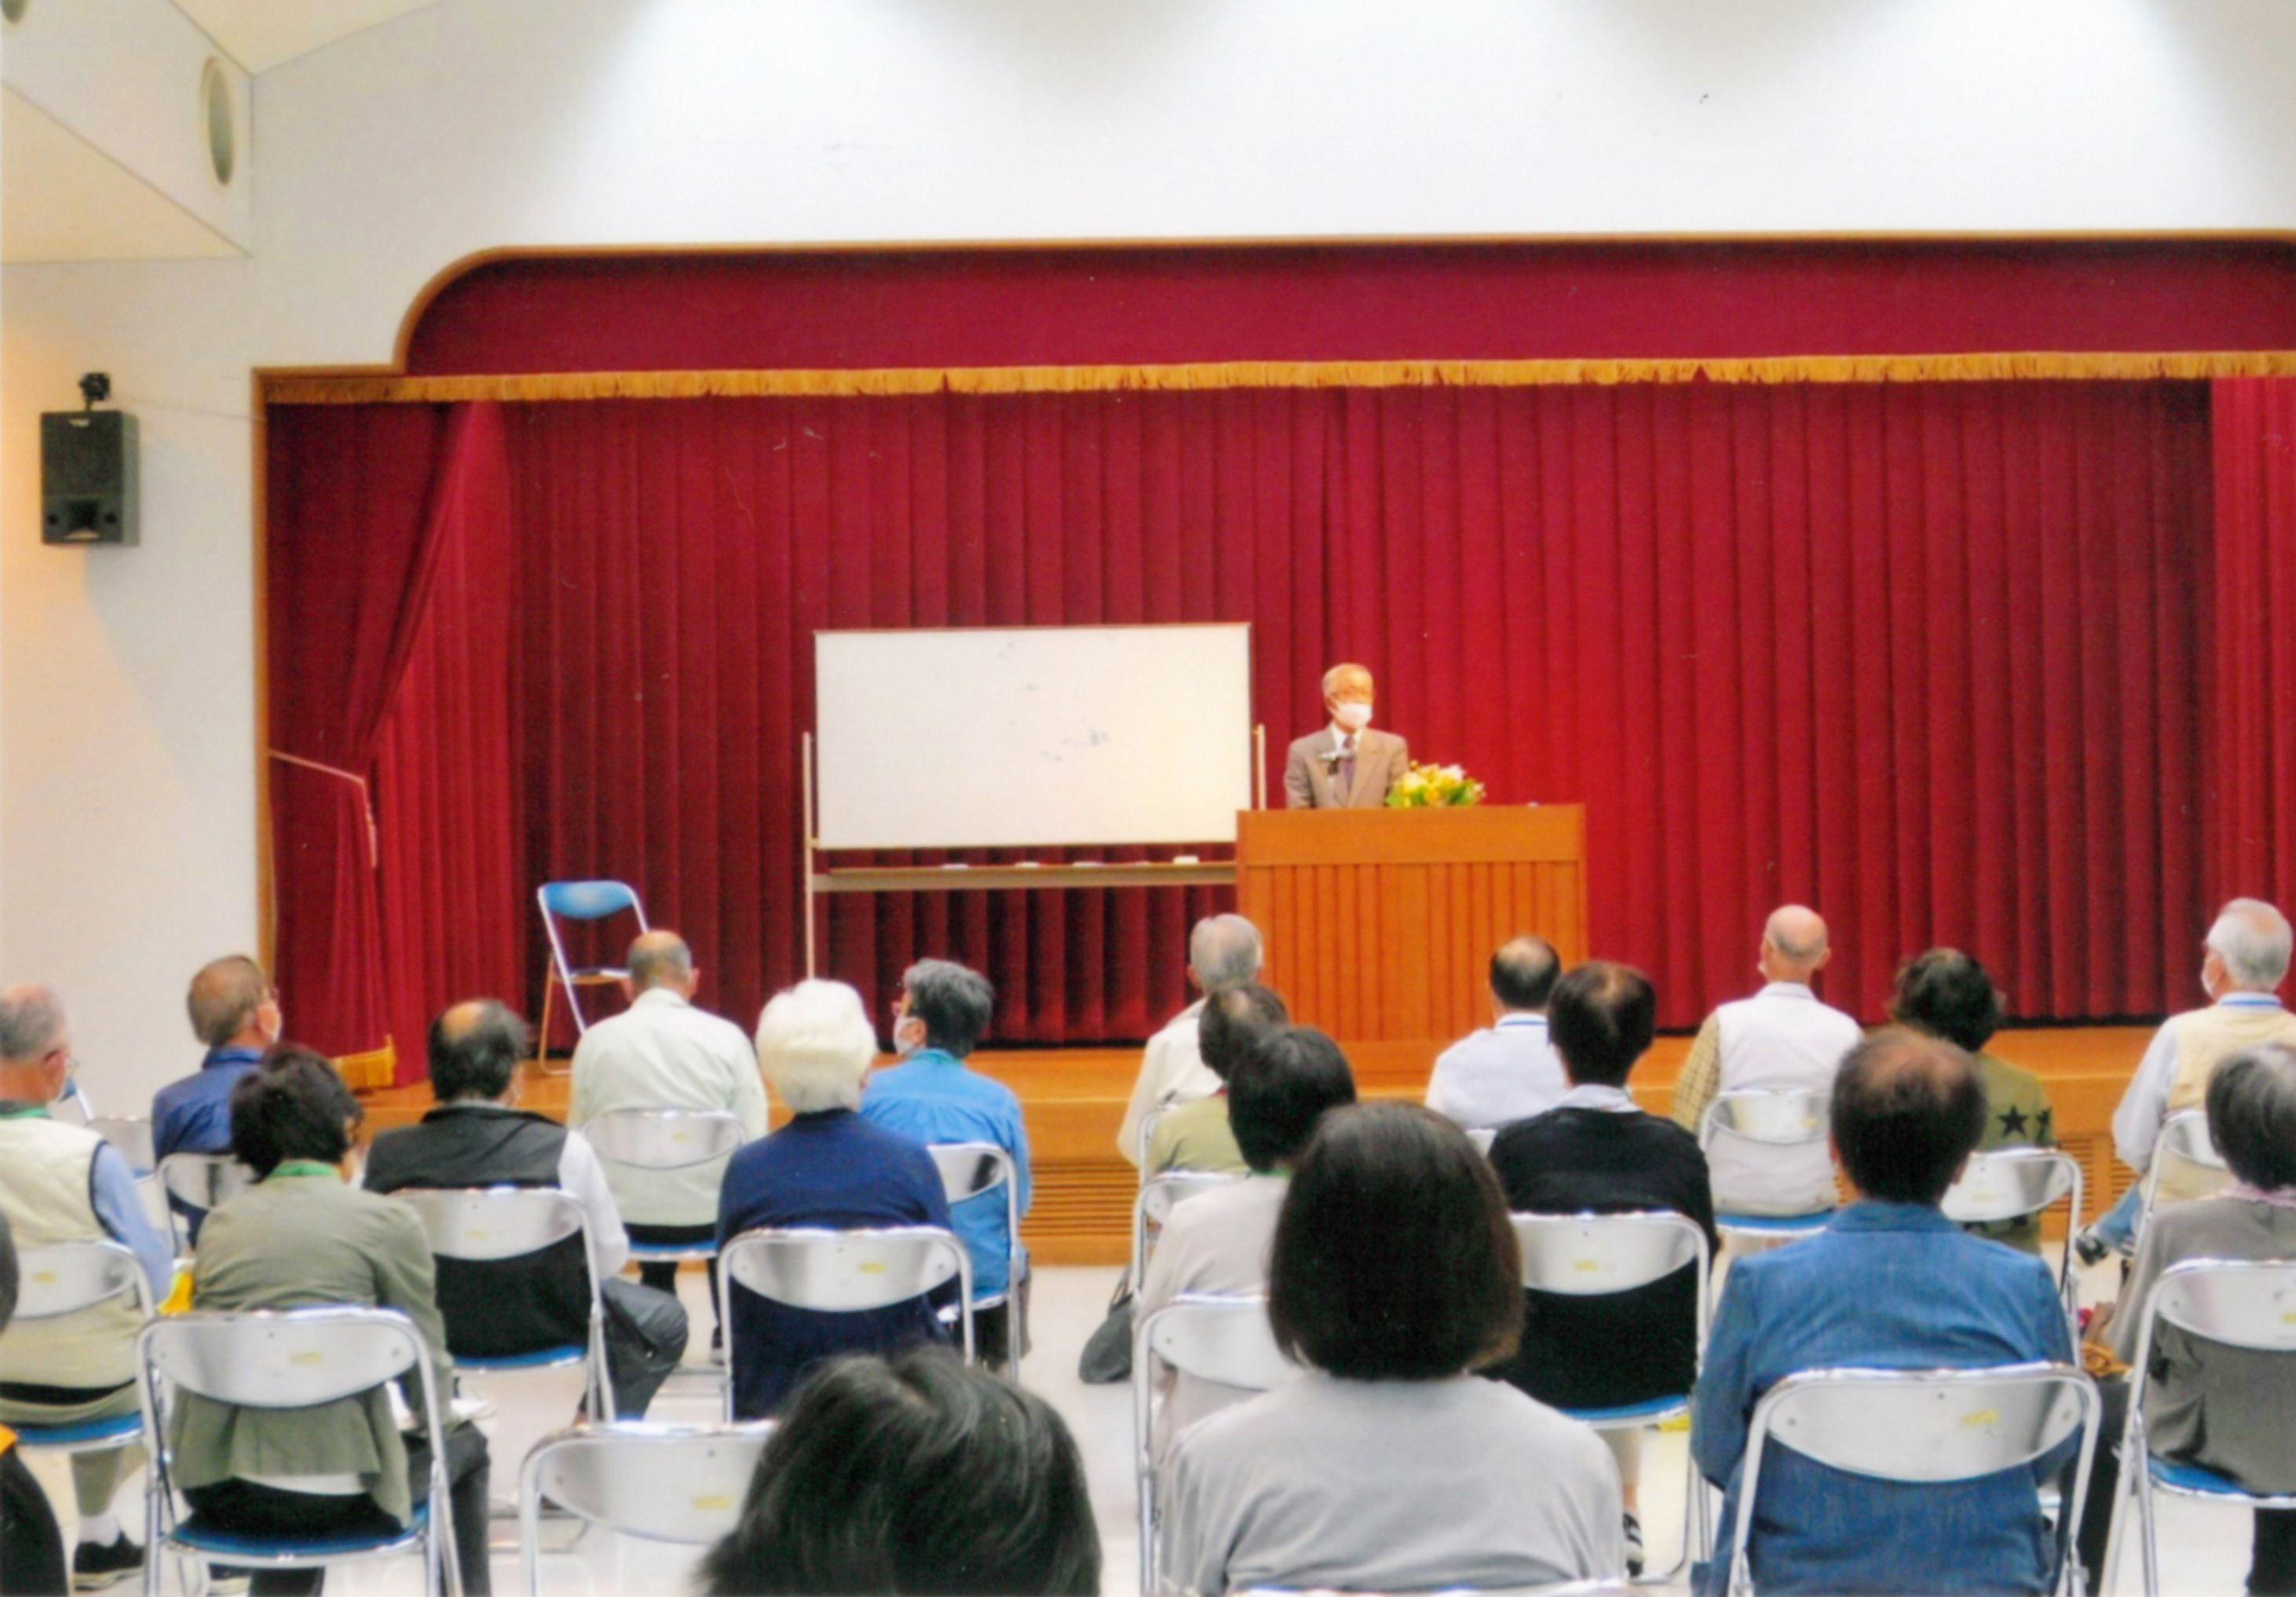 加古川市内で開講されている高齢者大学で講義を行う吉田さん